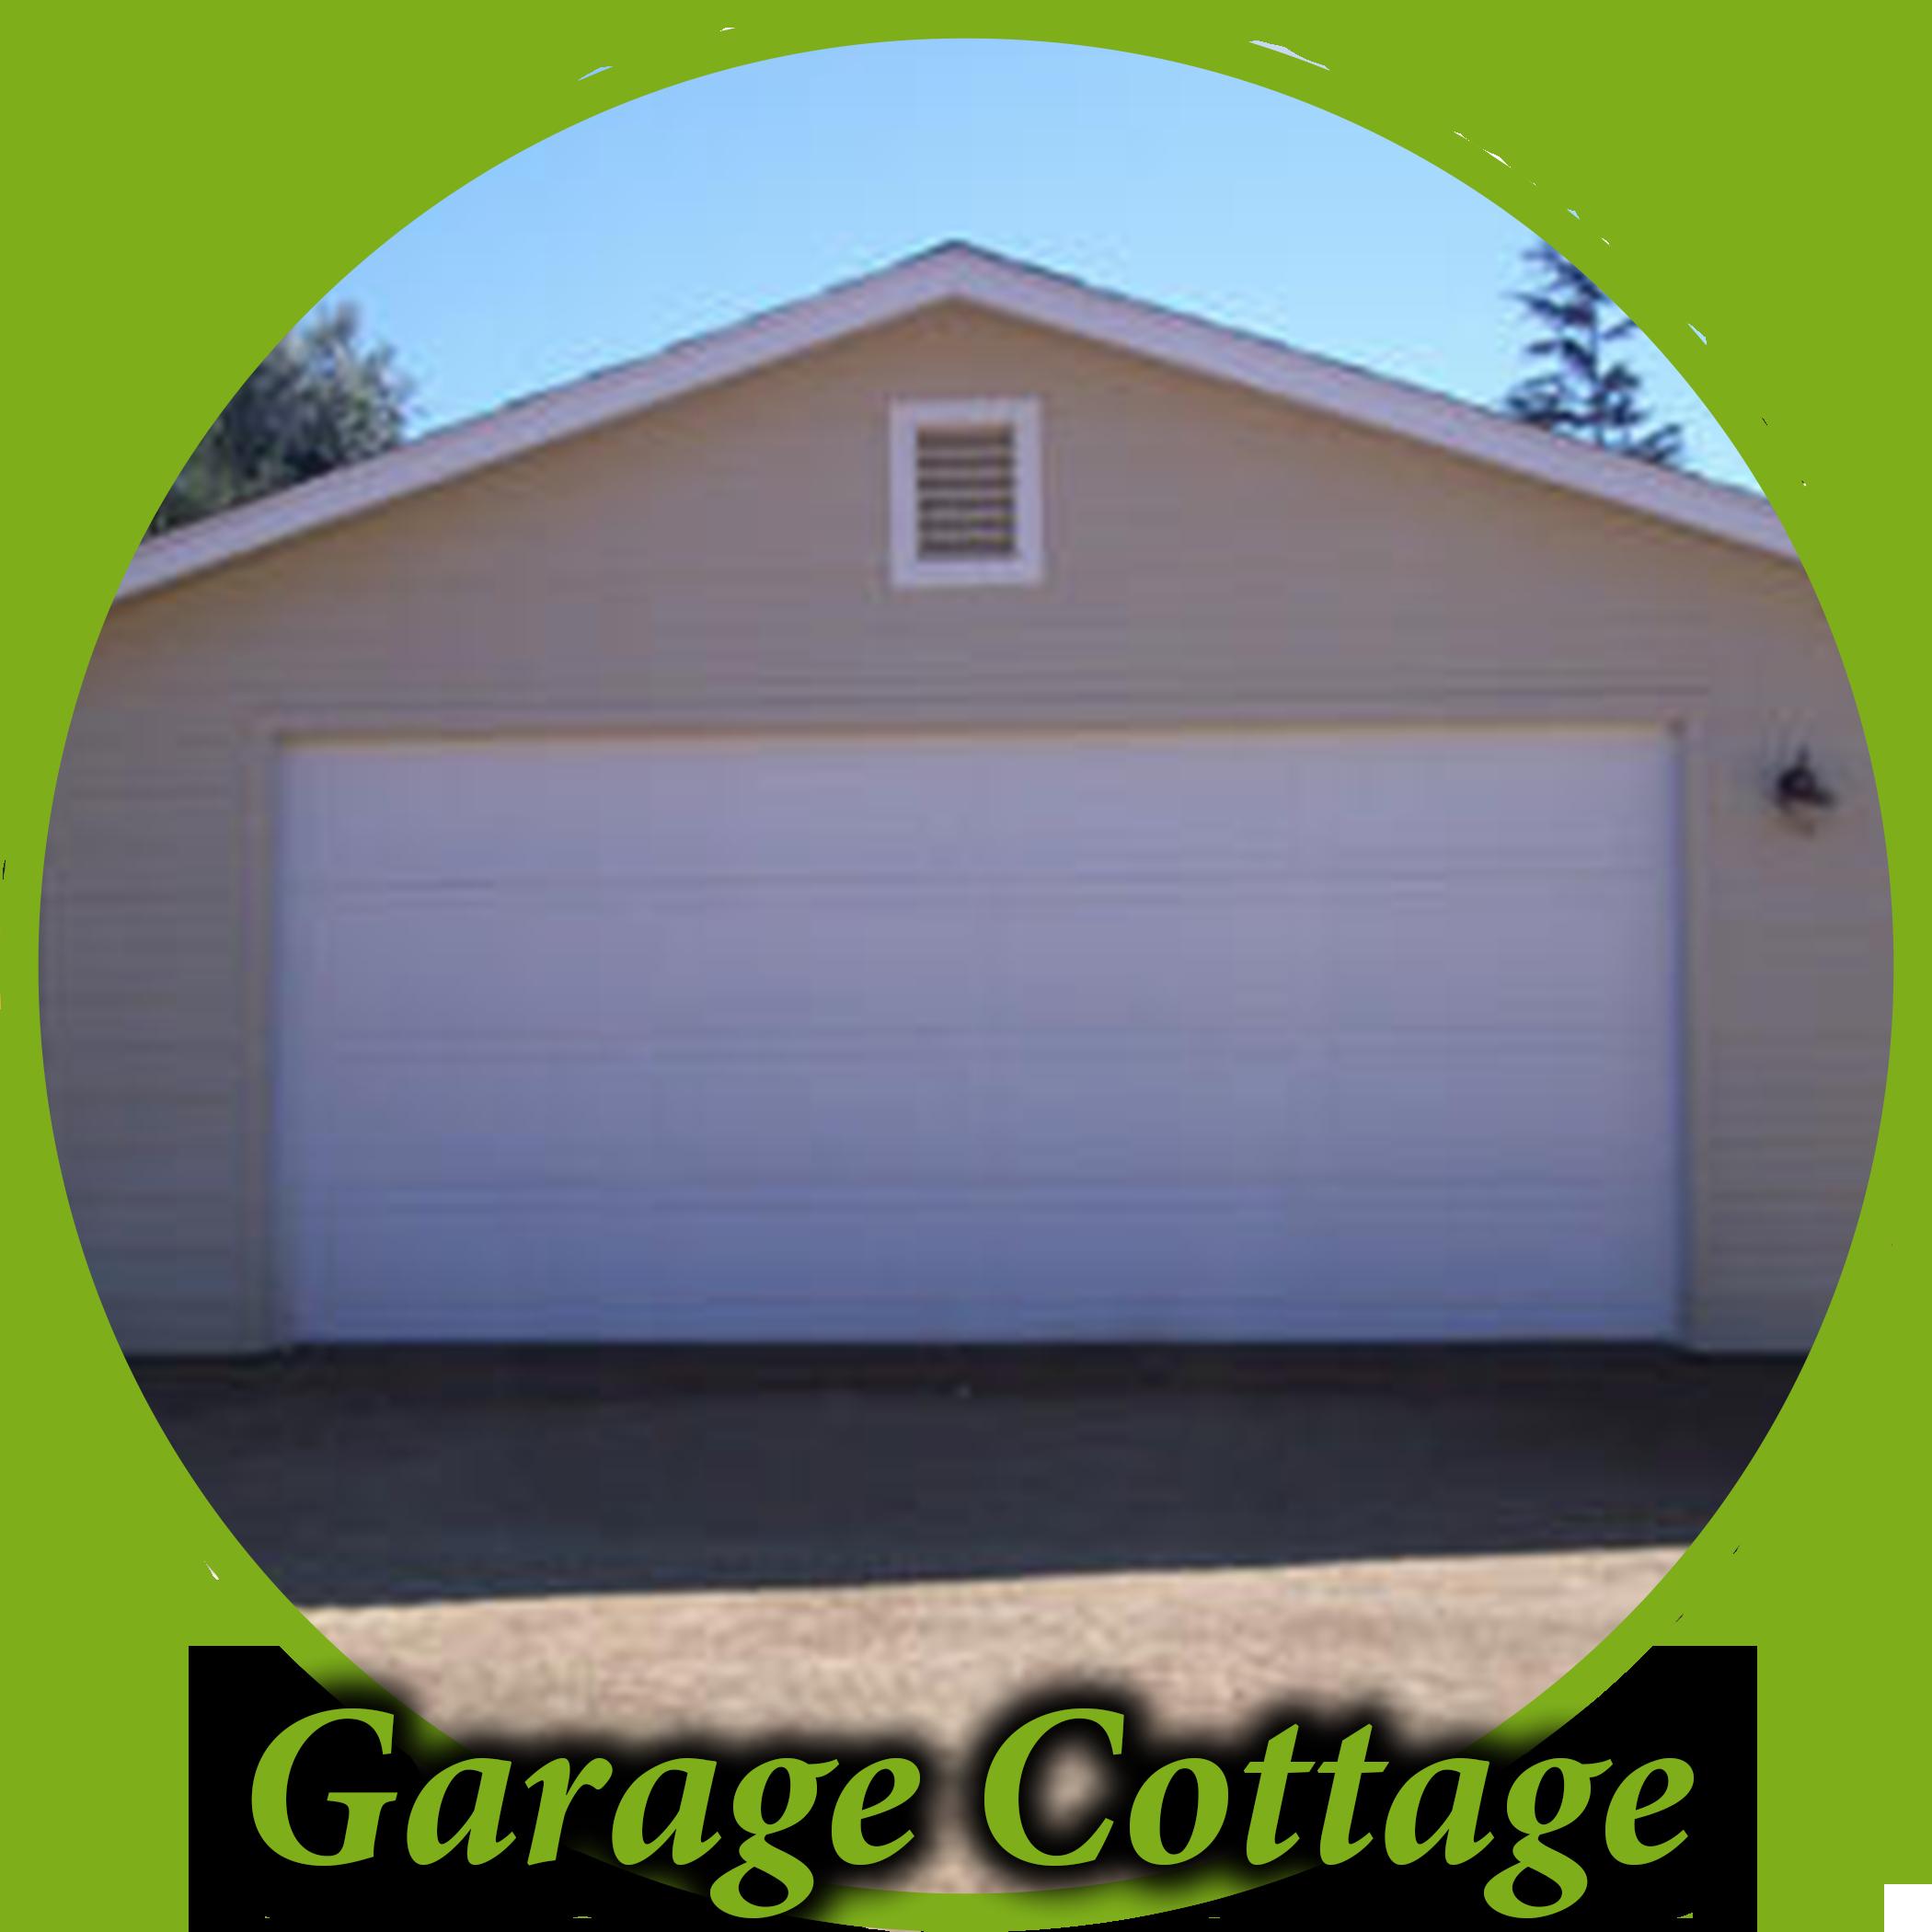 Garage Cottage circle.png